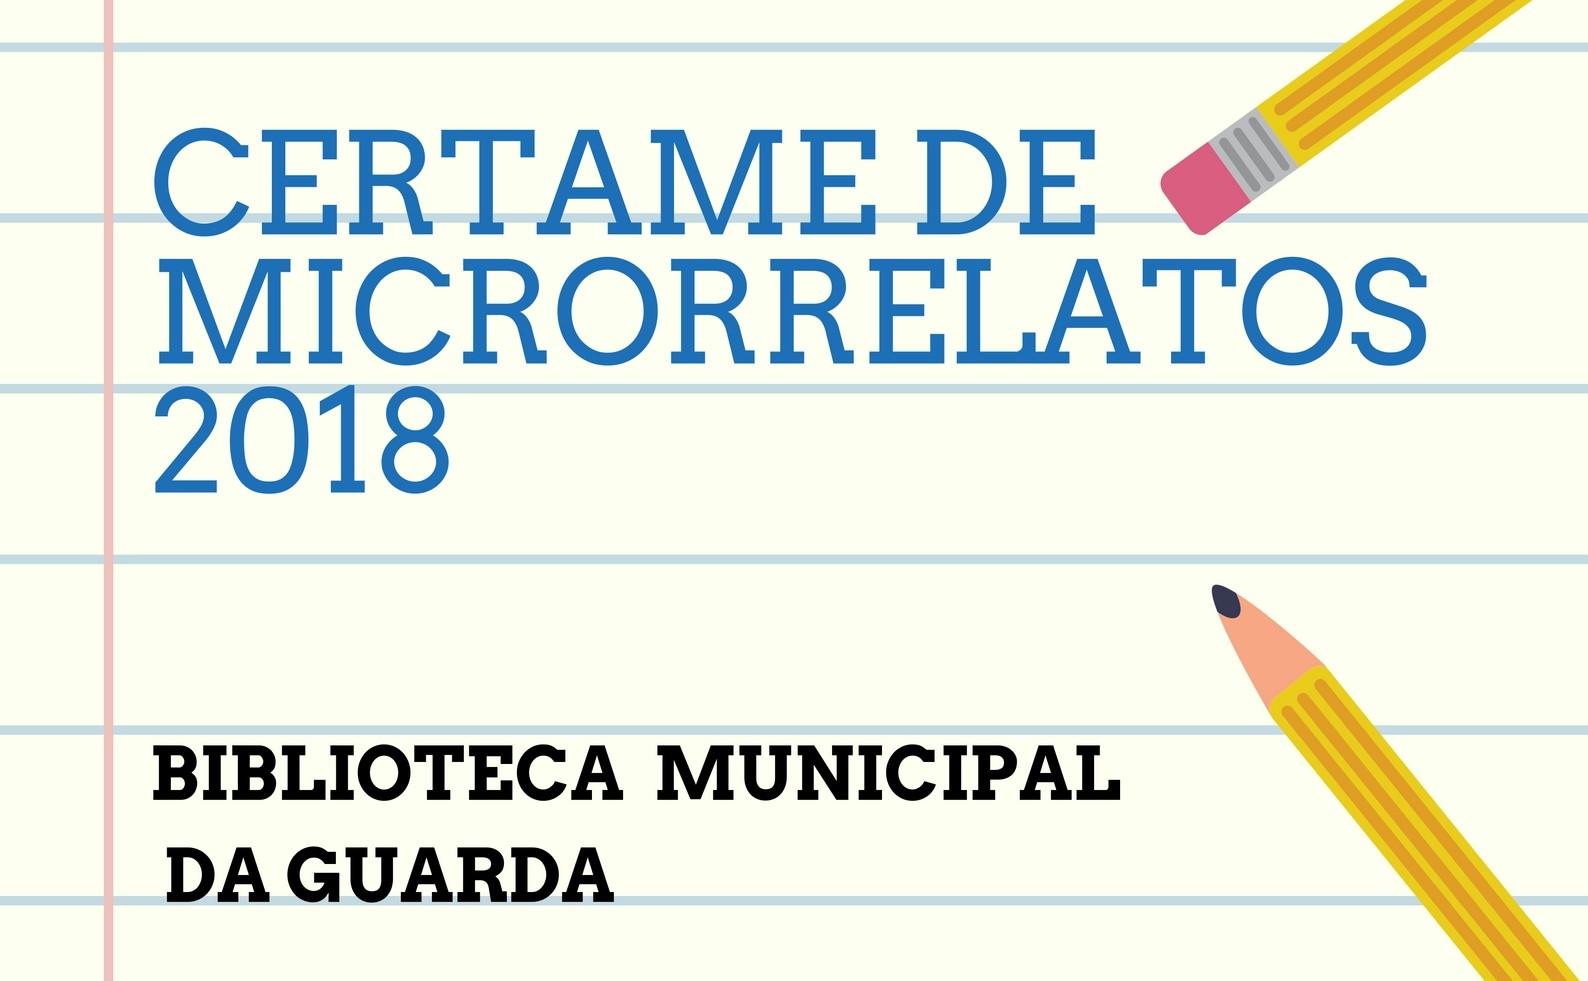 Certame de microrrelatos 2018